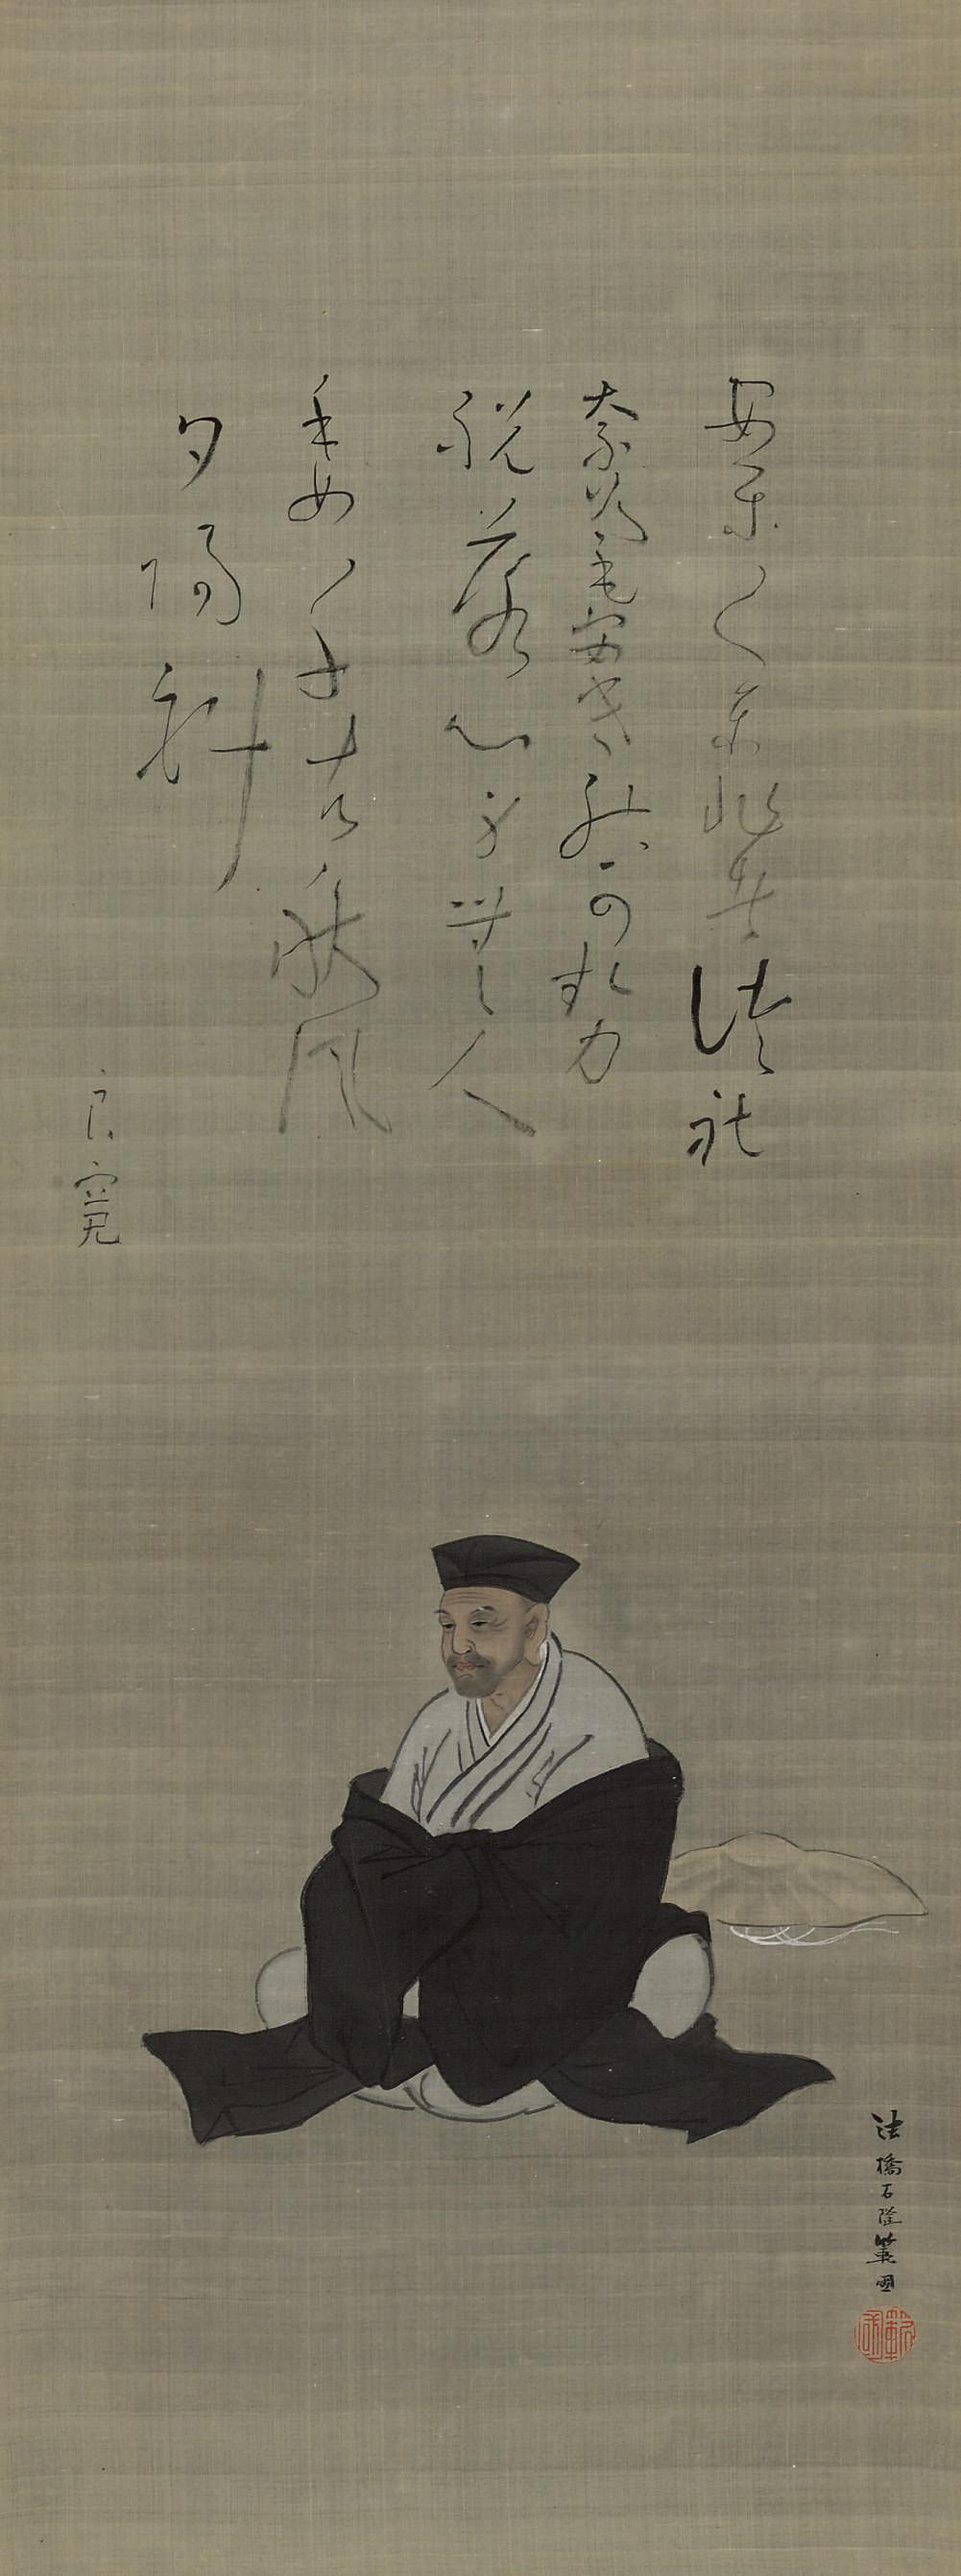 Ryokan Daigu (1757-1831) and S